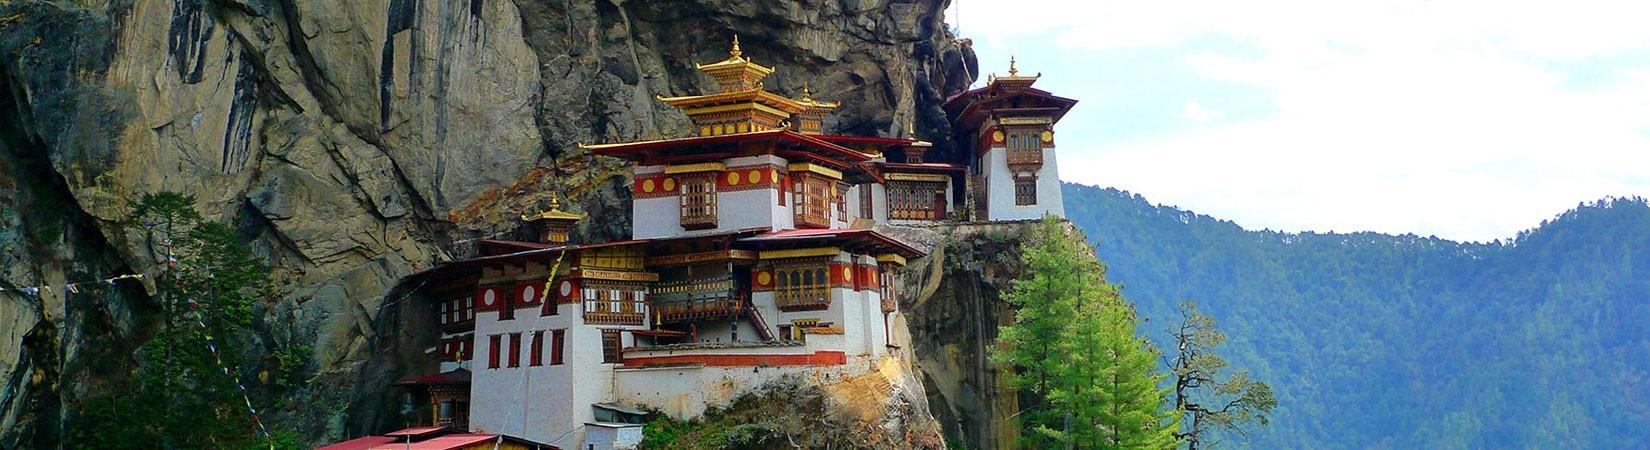 Taktsang Monastery ( Tiger's Nest ), Bhutan